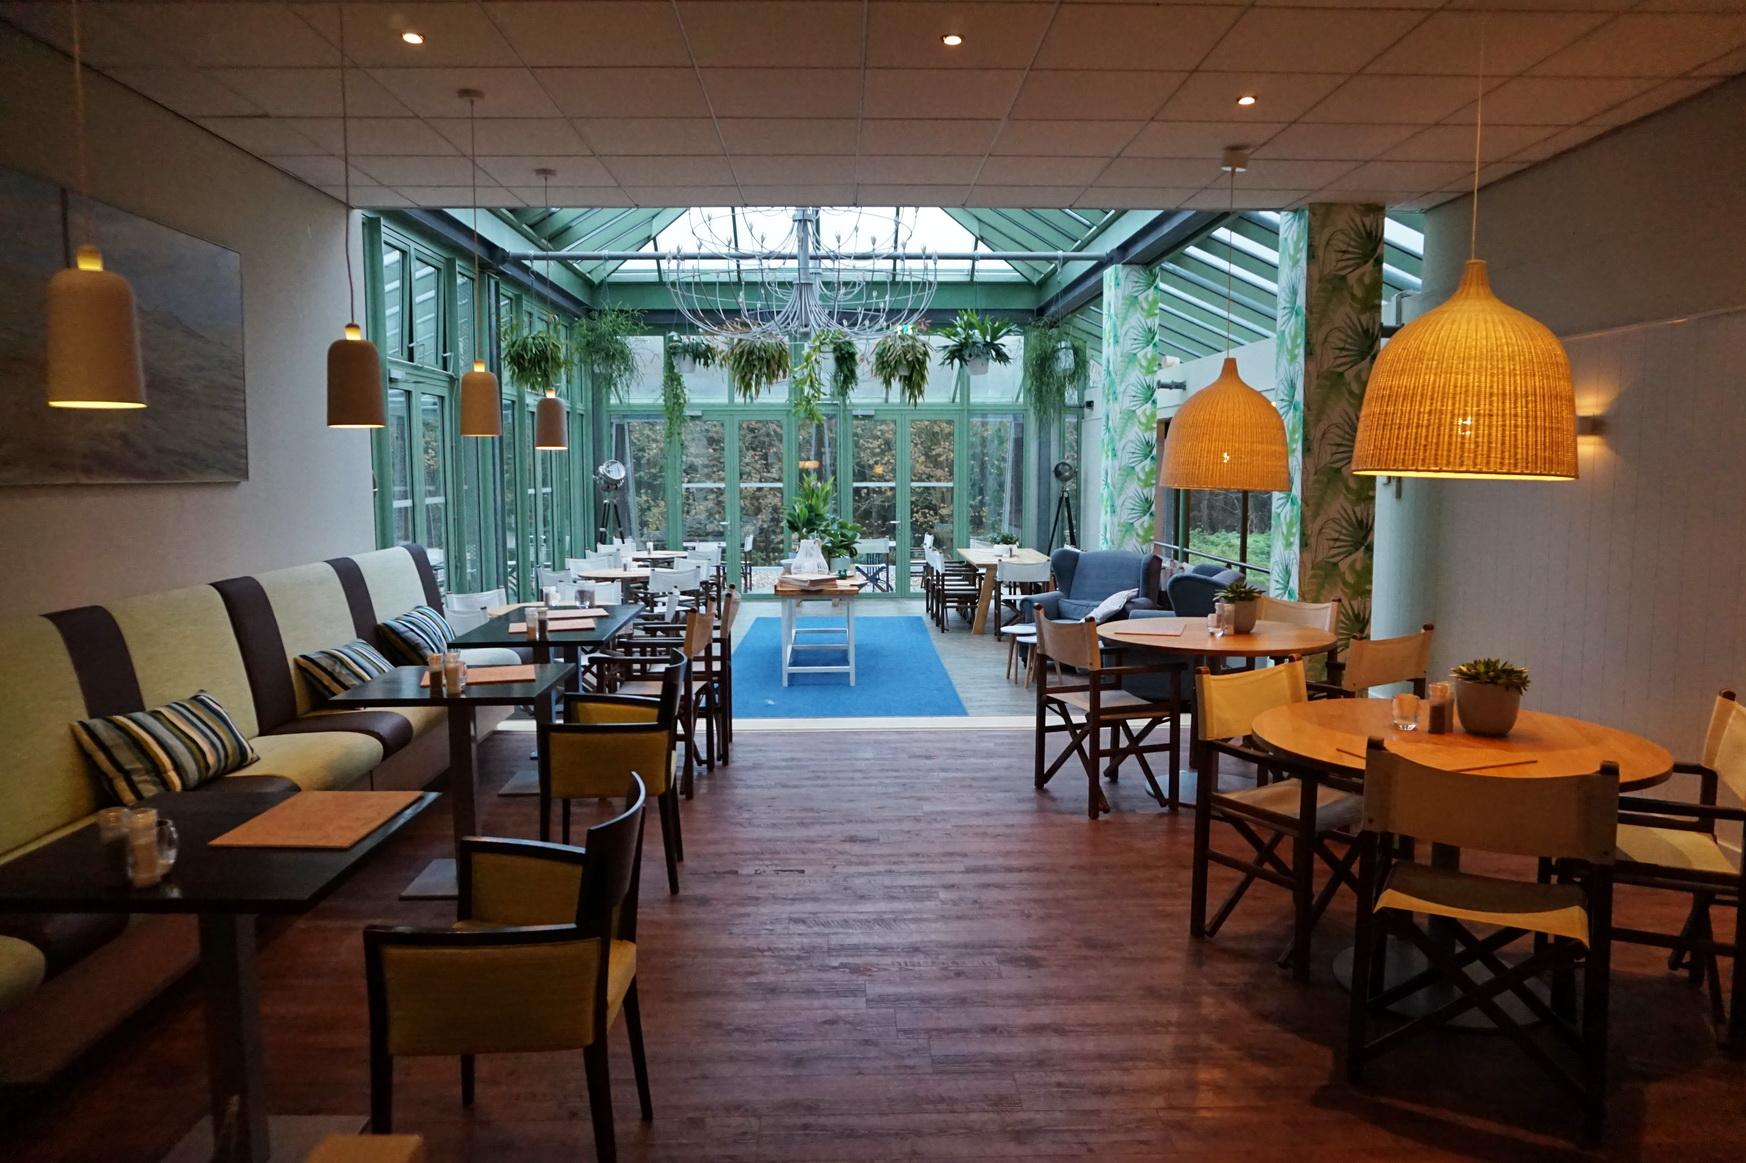 Nein, das ist nicht das Restaurant Opduin, sondern die Brasserie, wo wir mittags geluncht haben ...